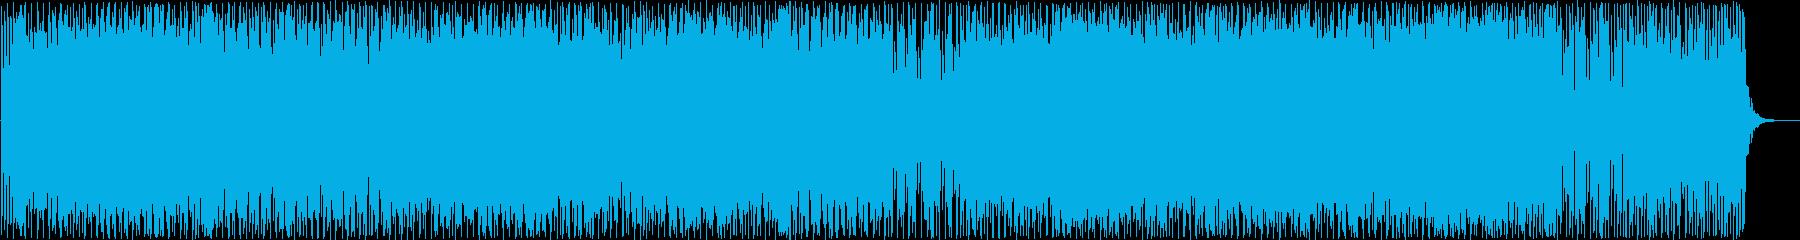 おしゃれなギター・ドラムサウンドの再生済みの波形